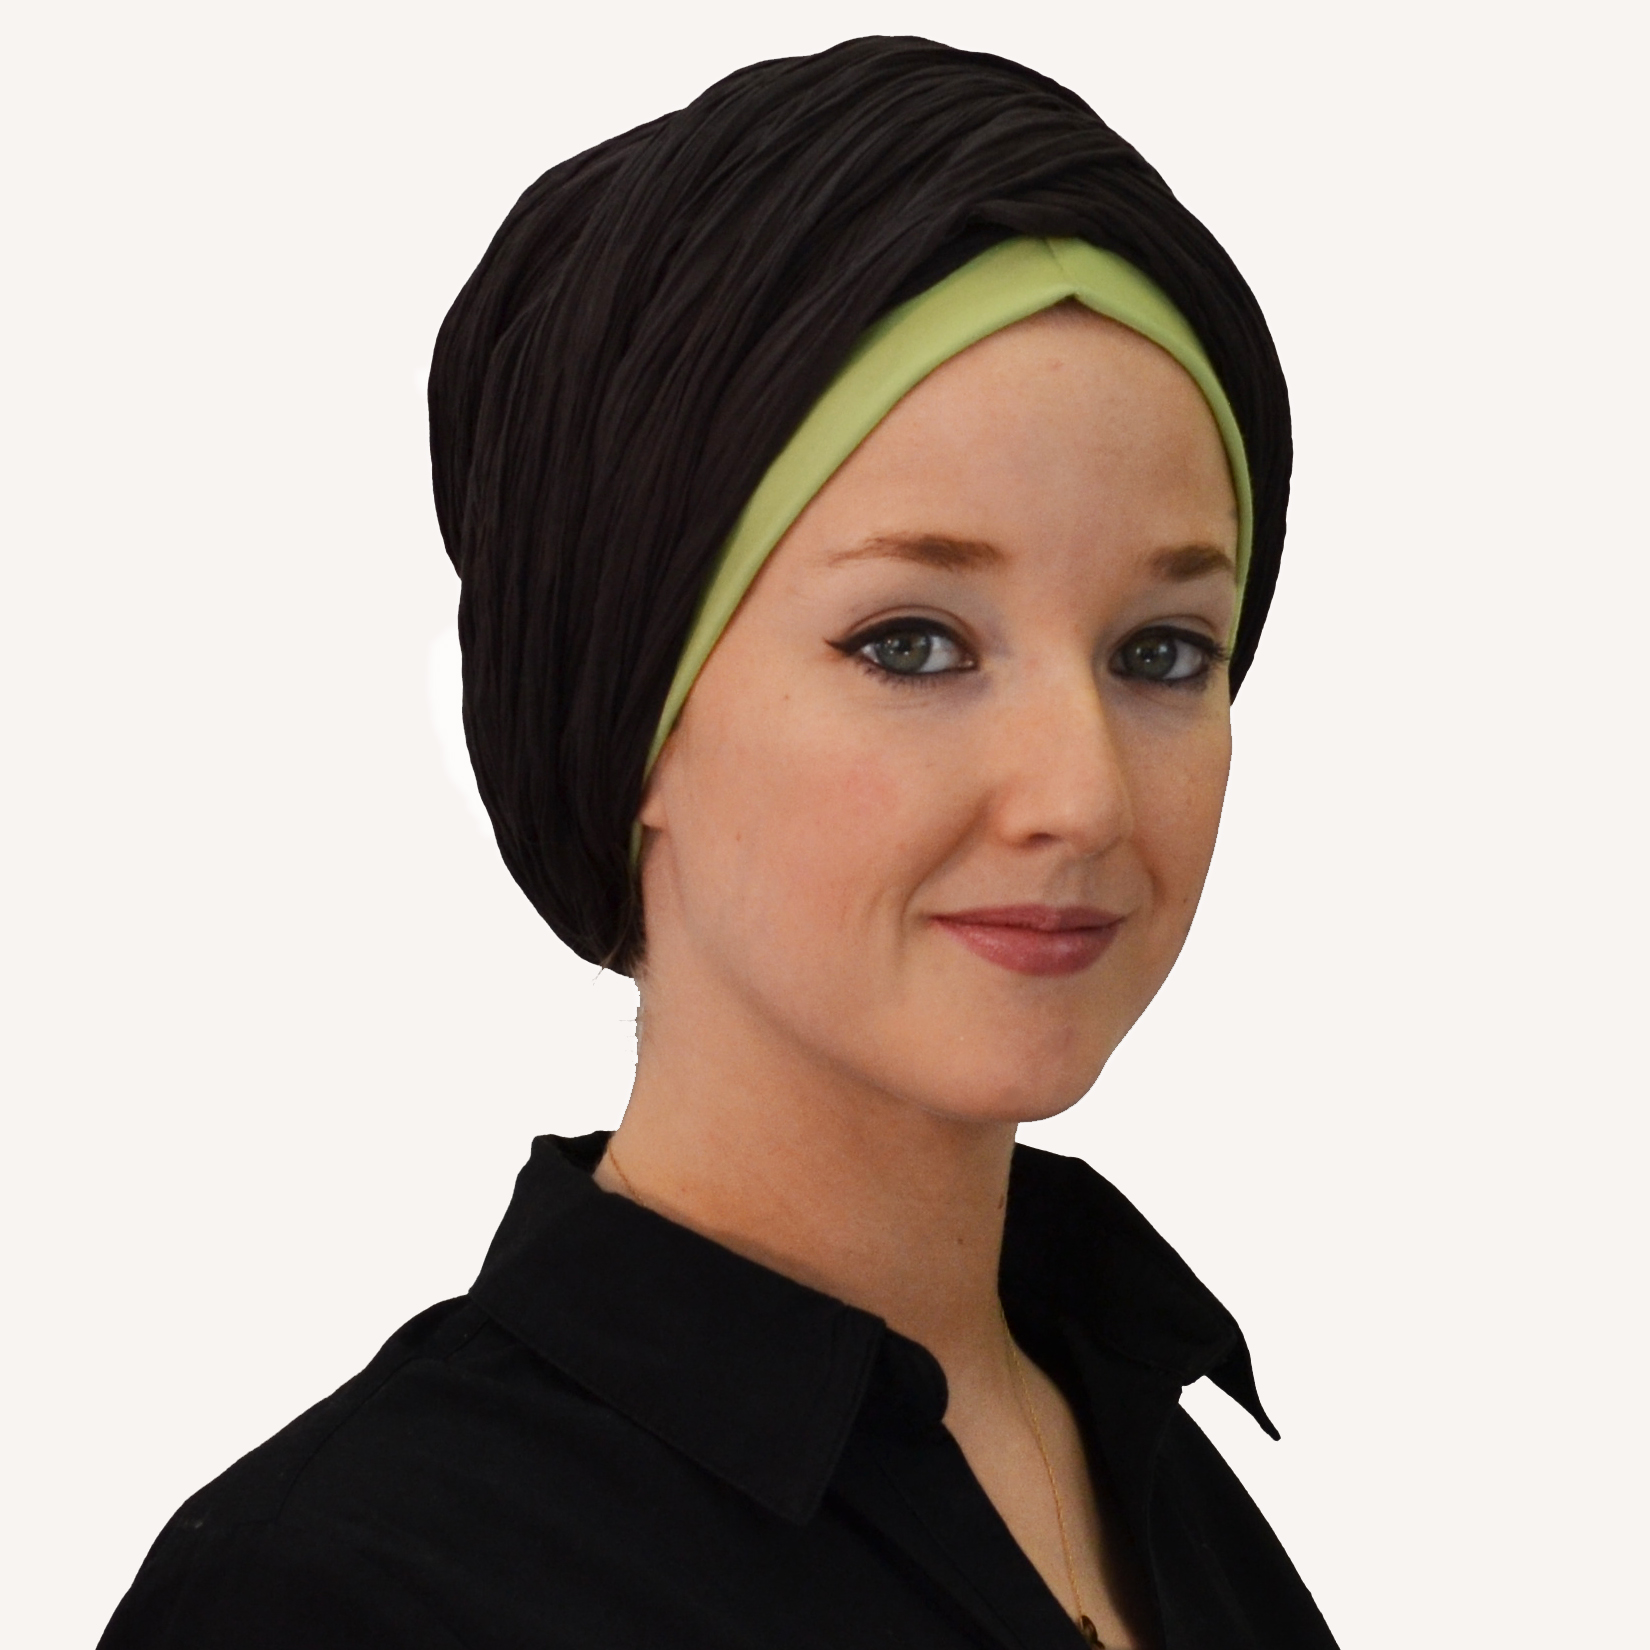 remise spéciale meilleure sélection de 2019 Super remise Les 10 astuces pour nouer son foulard